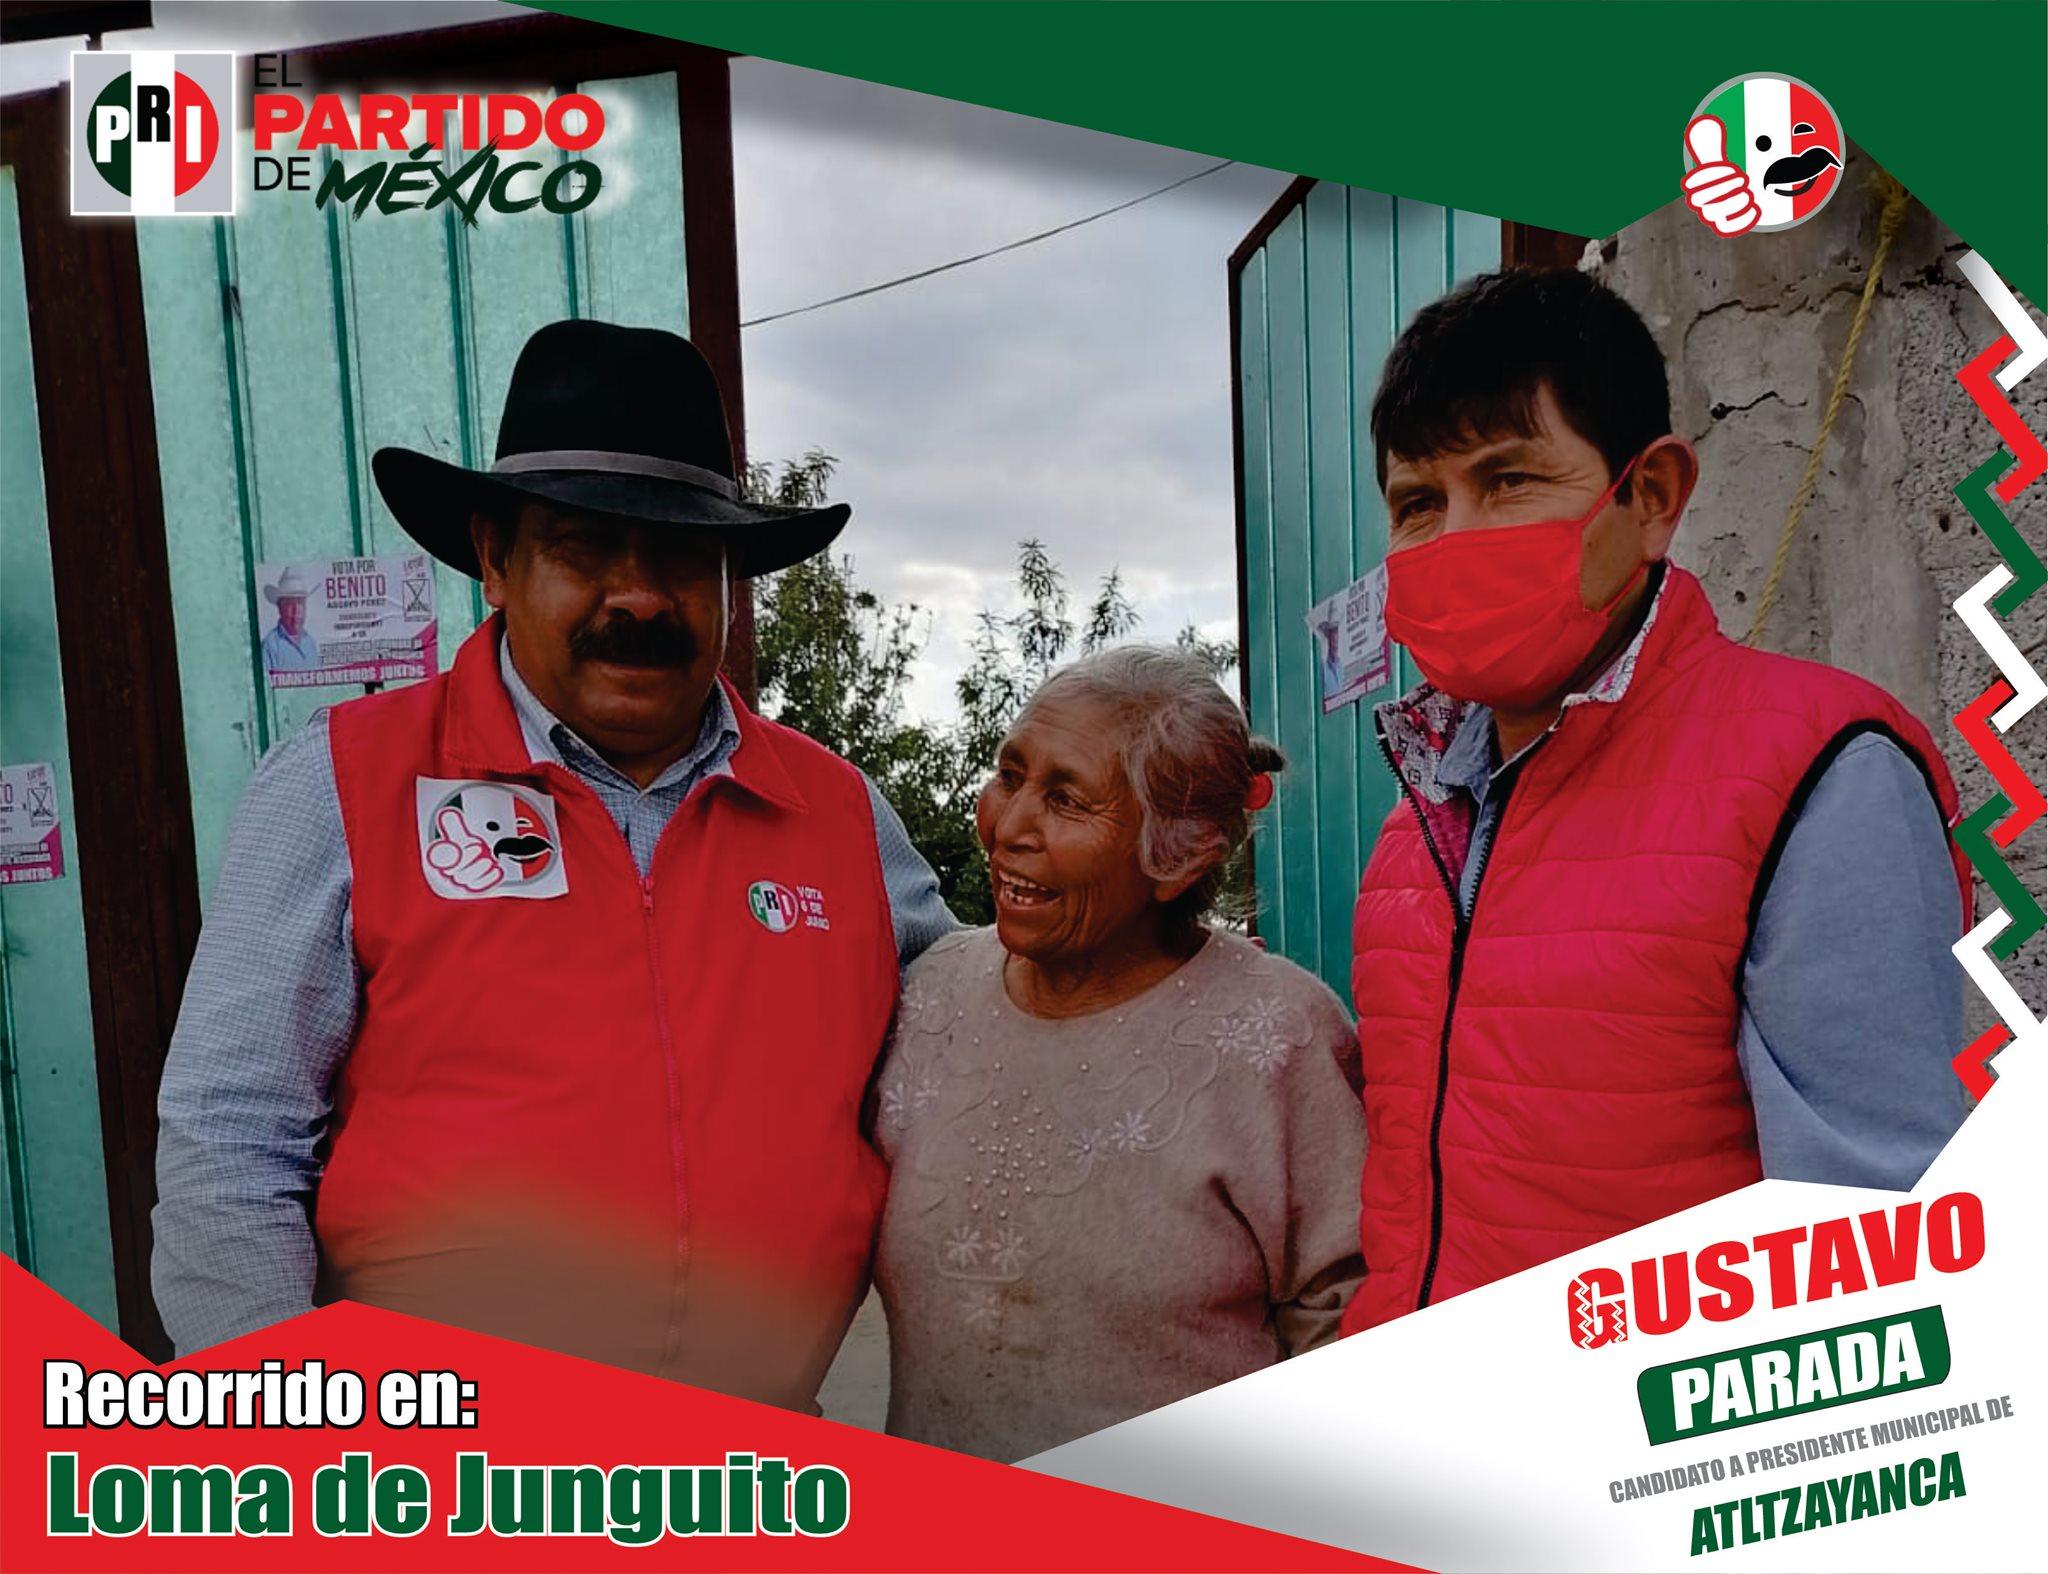 Con paso firme y sin titubear, así recorre Gustavo Parada las comunidades de Atltzayanca